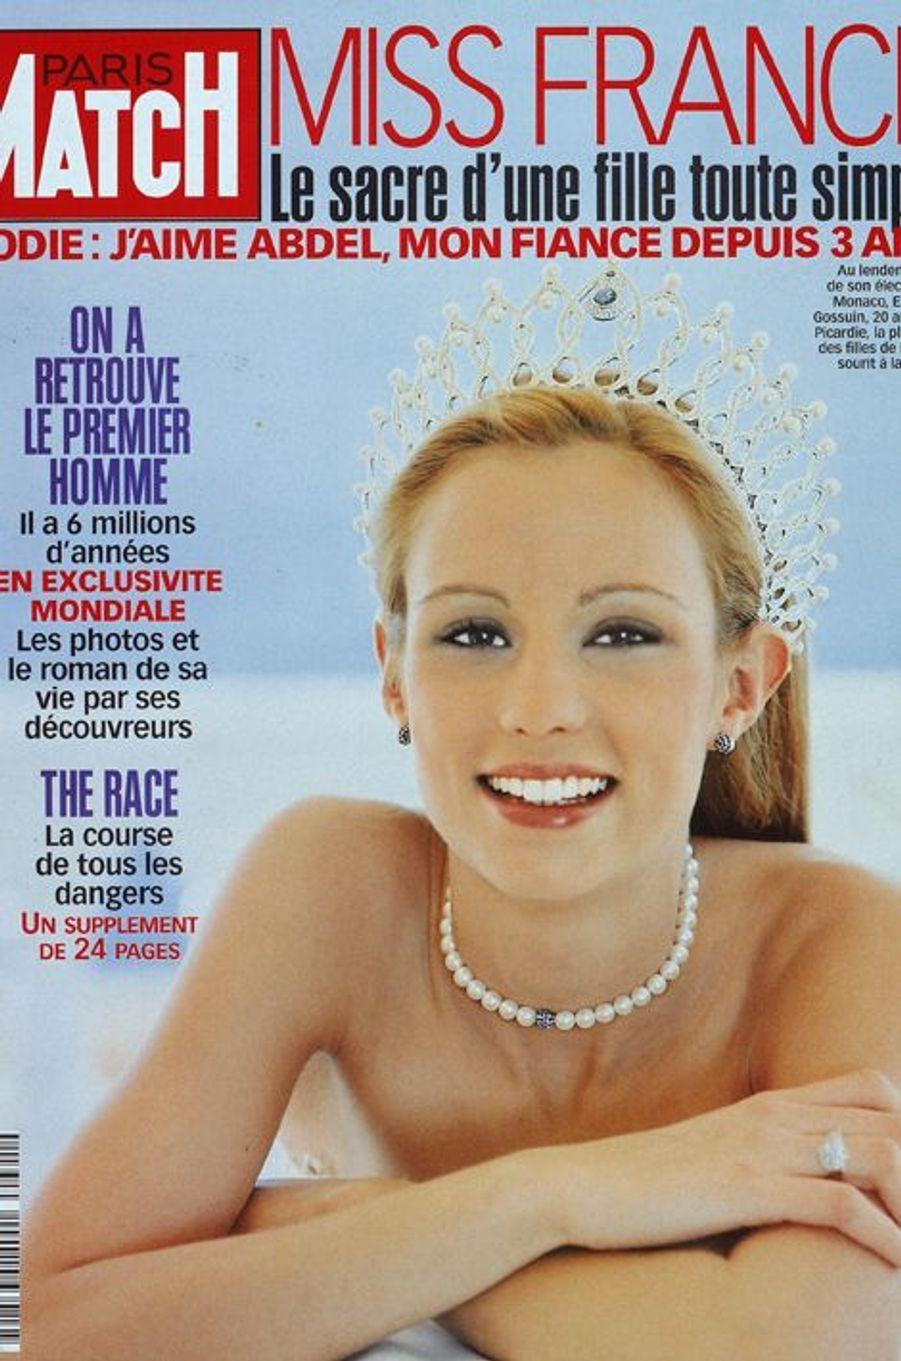 Après le règne de Sonia Rolland, Élodie Gossuin s'est imposée avec charme sur le devant de la scène française. Élue le 9 décembre 2000, elle a également été élue Miss Europe 2001. Maman comblée de quatre enfants, l'épouse de Bertrand Lacherie est aujourd'hui animatrice et conseillère régionale.